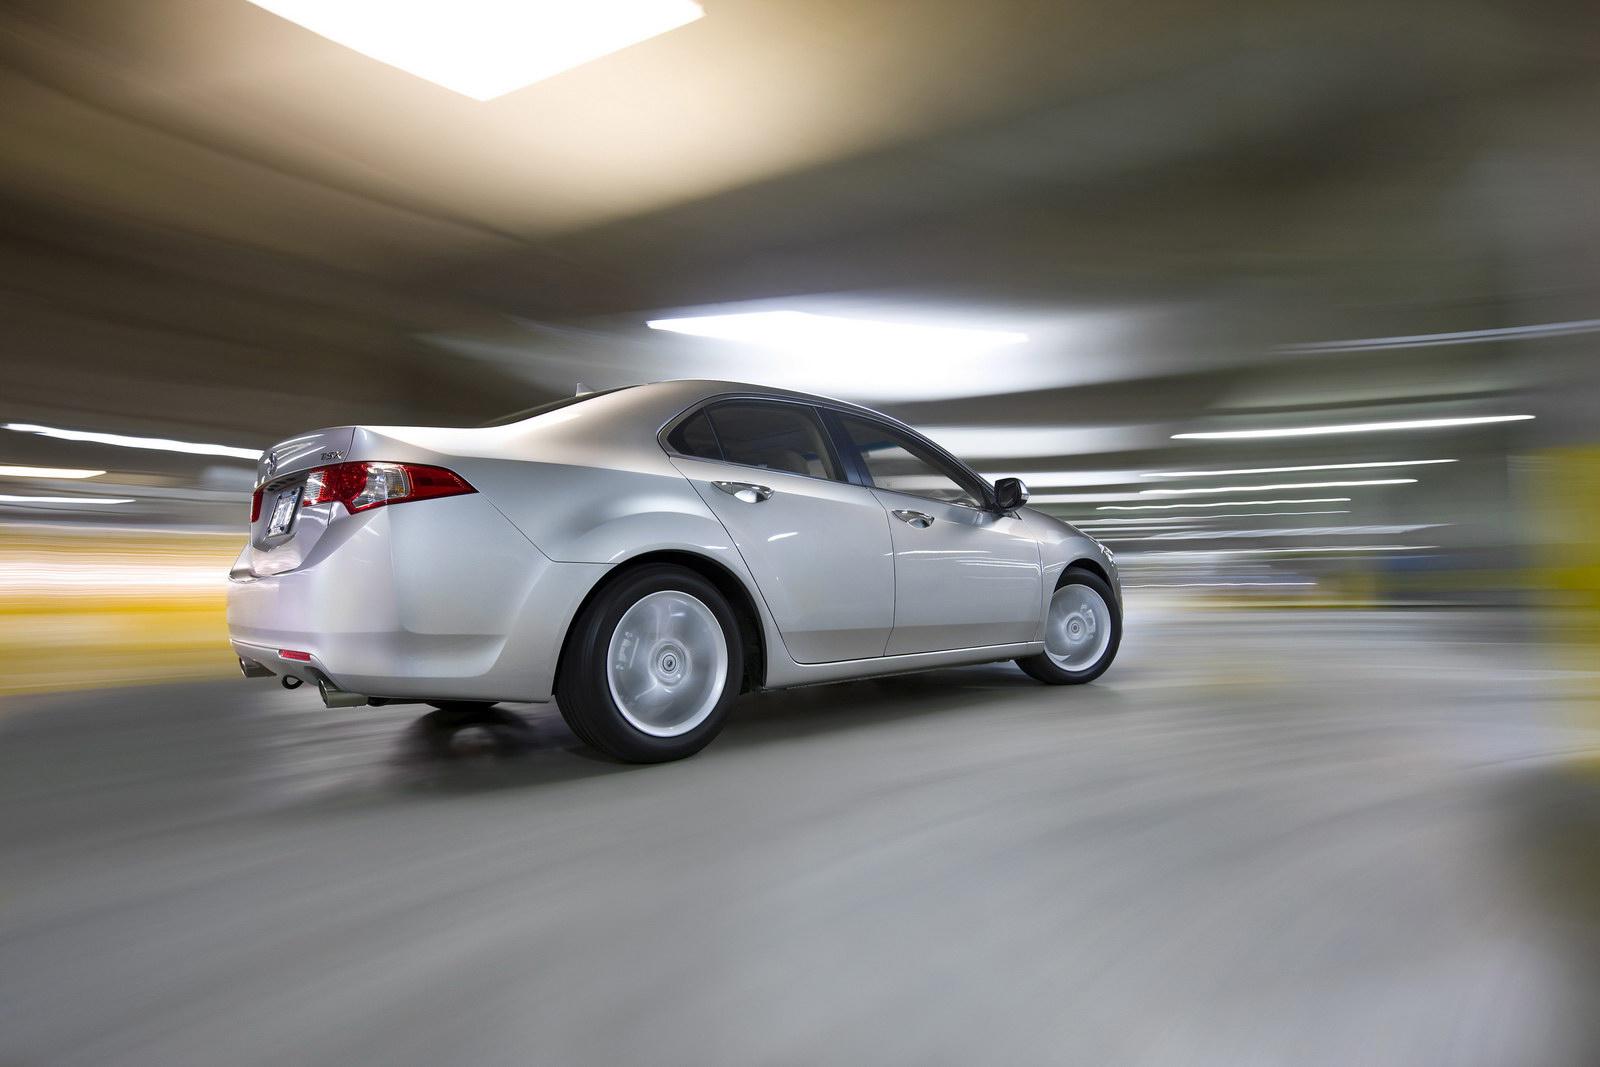 Acura TSX получает Топ Рейтинг безопасности в NHTSA и IIHS краш-тестов - фотография №4